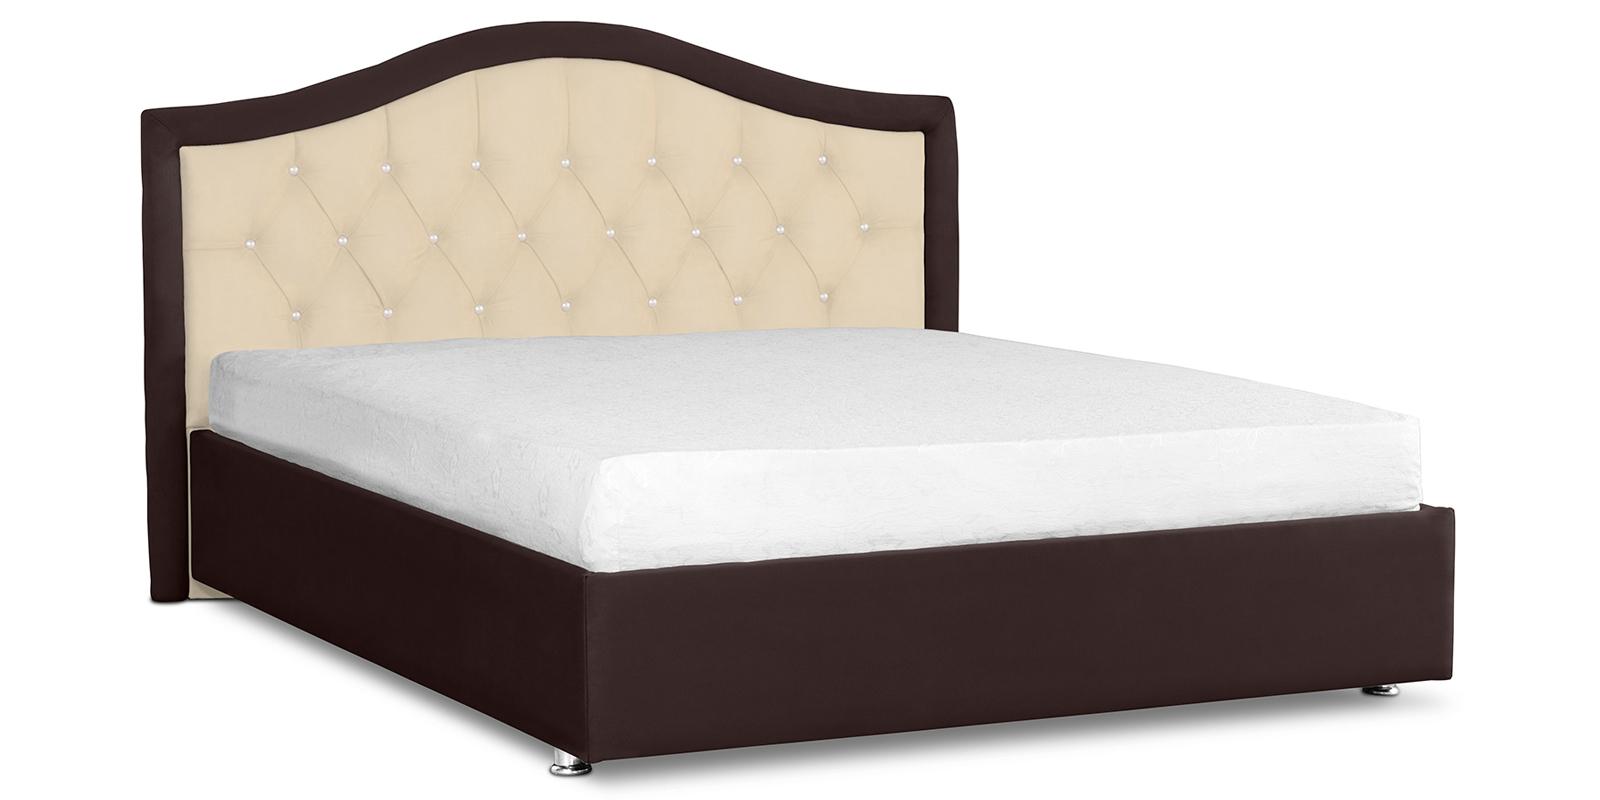 Мягкая кровать 200х160 Малибу вариант №9 с подъемным механизмом (Бежевый/Шоколад)